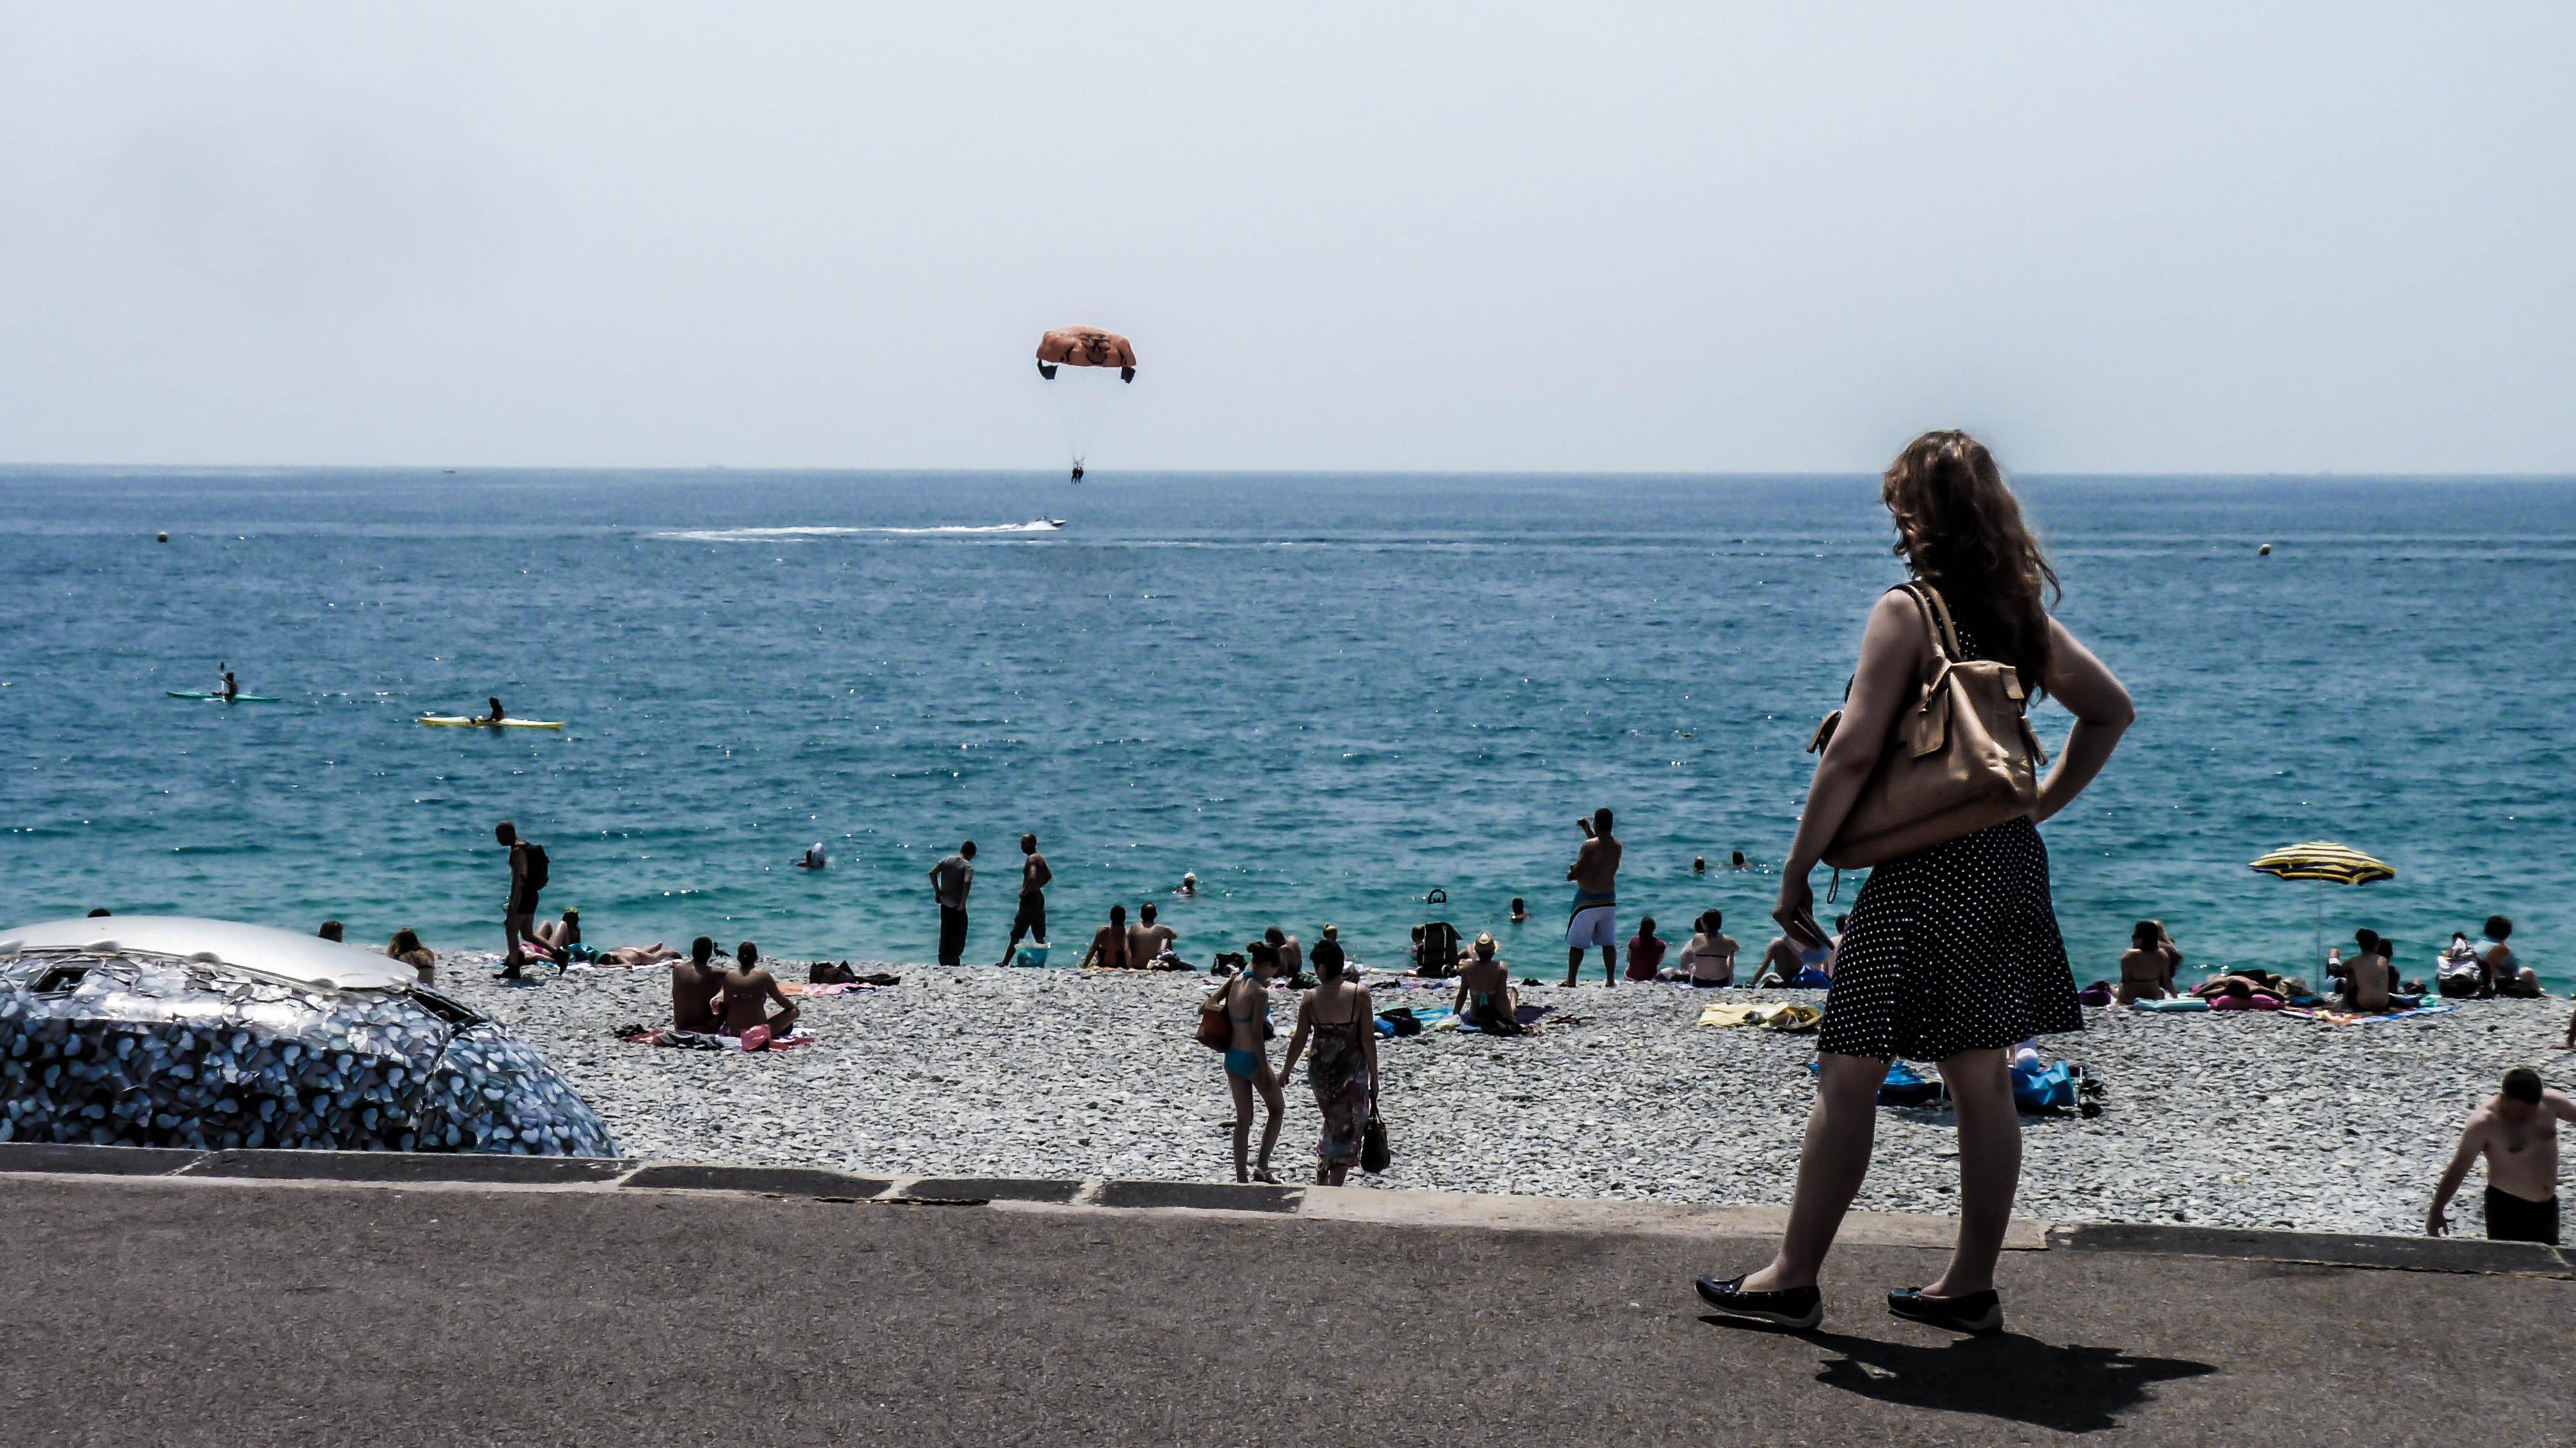 Niki à la plage, Nice, France